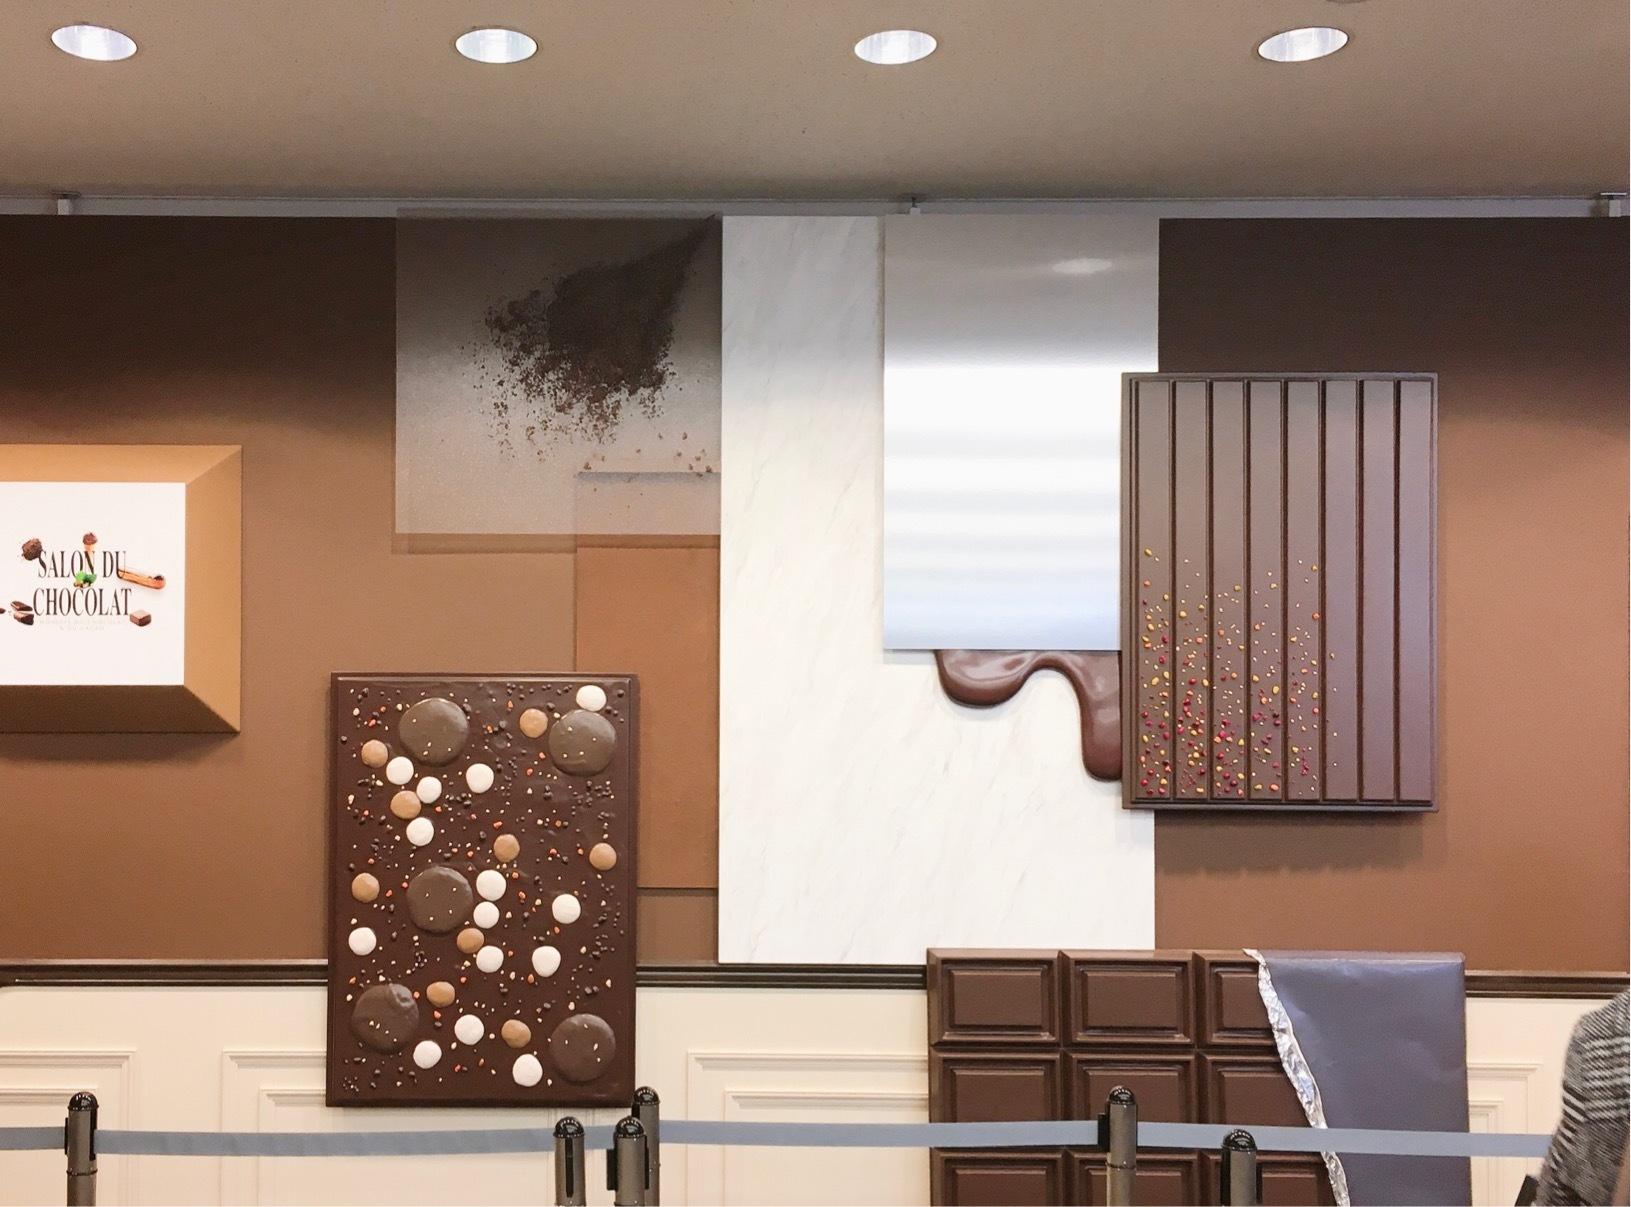 日本1のチョコレートの祭典【サロンデュショコラ】内部の様子を潜入&解説!_1_2